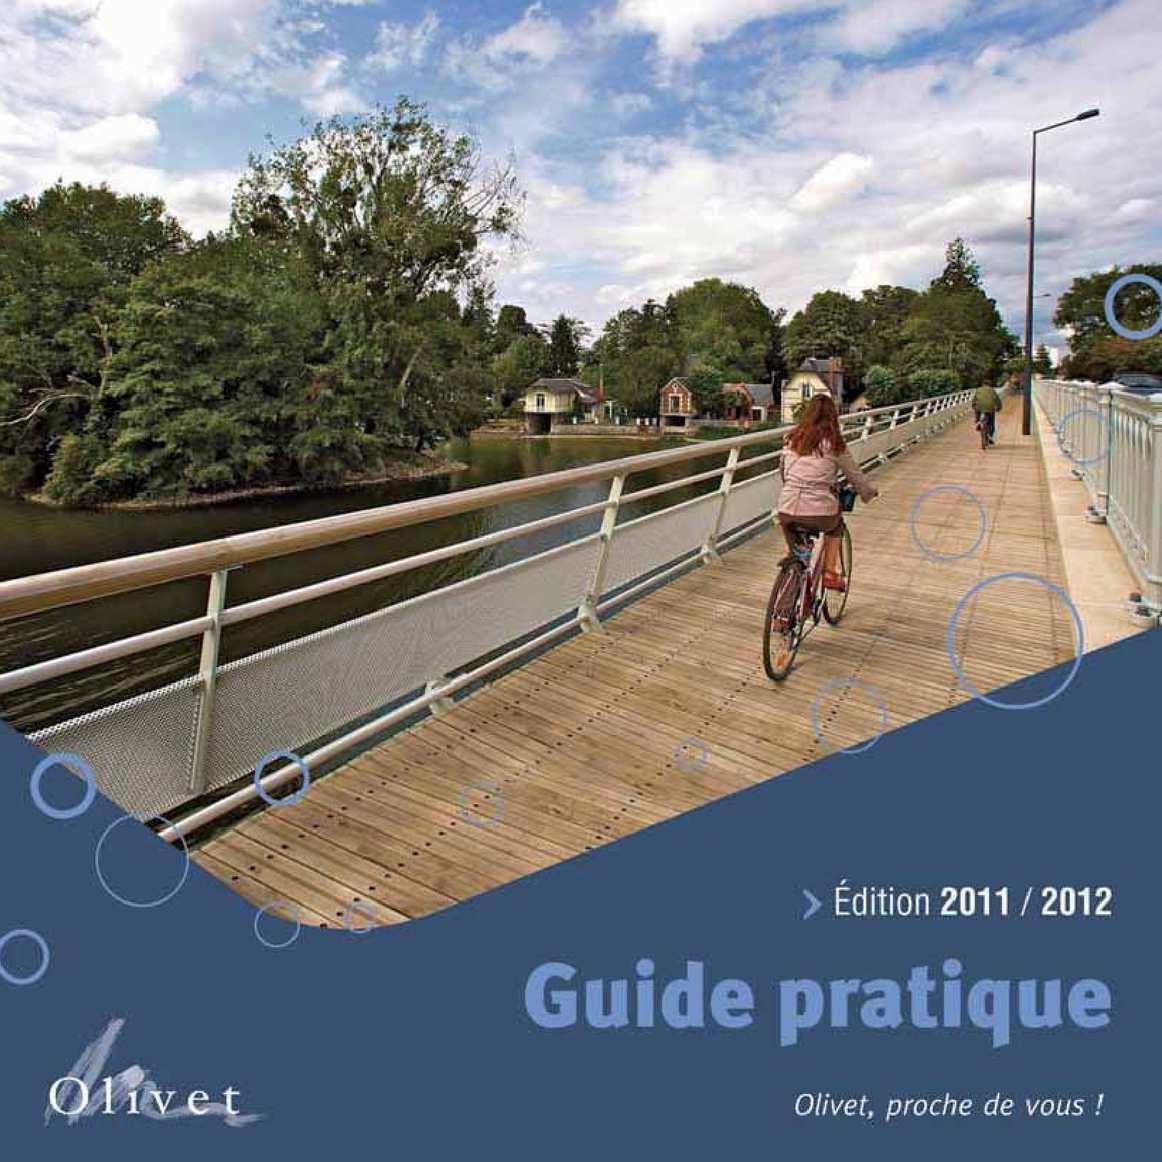 Calam o guide pratique dition 2011 2012 for Notaire olivet